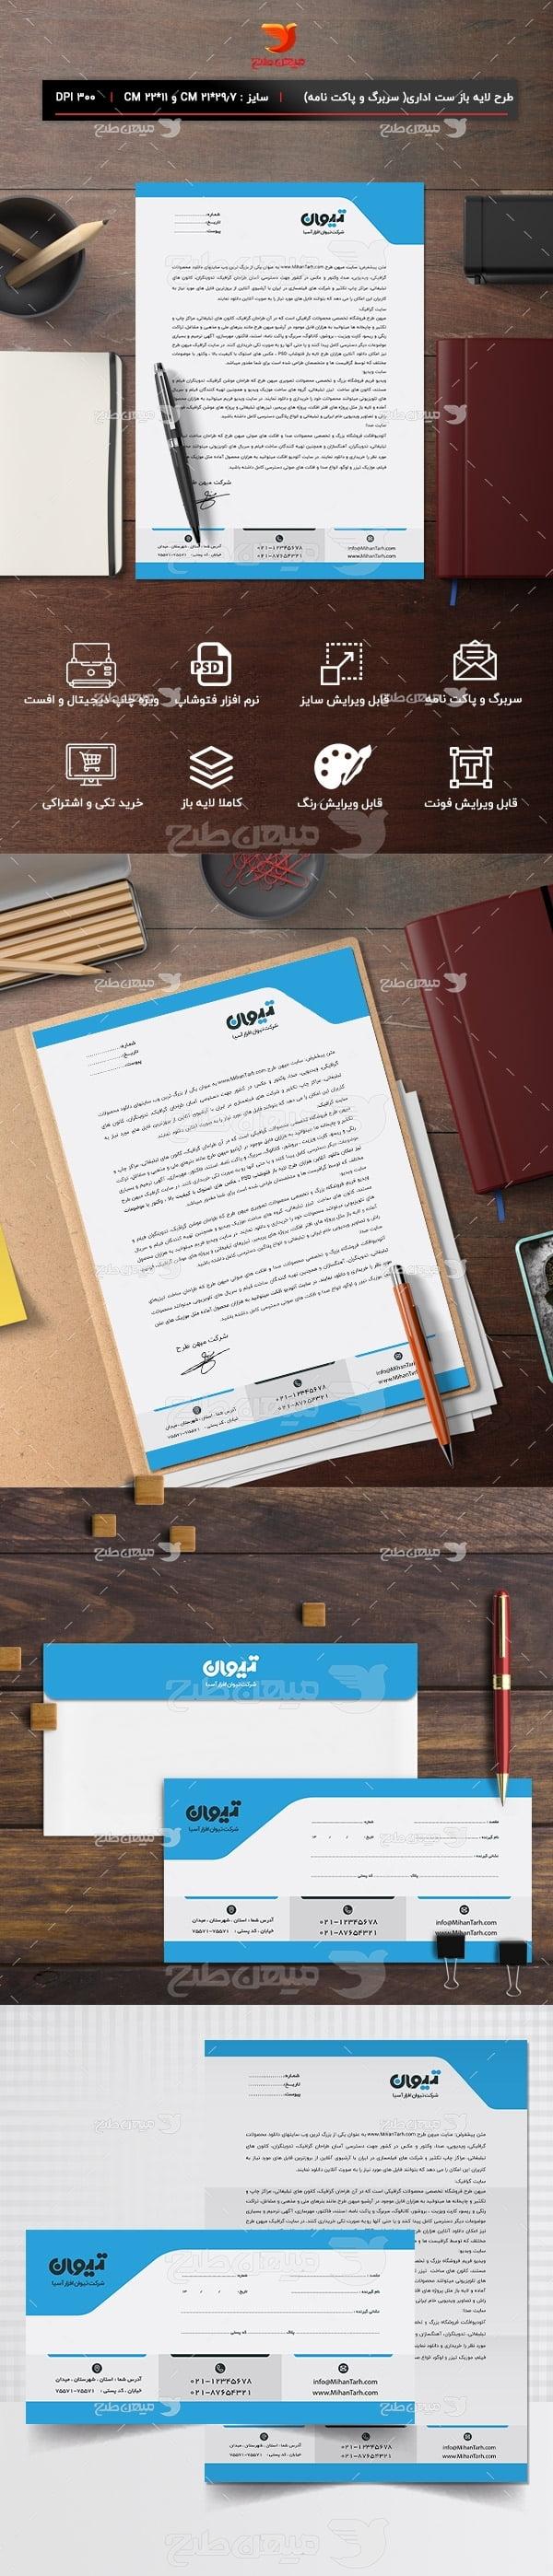 طرح لایه باز ست اداری شرکت کامپیوتر